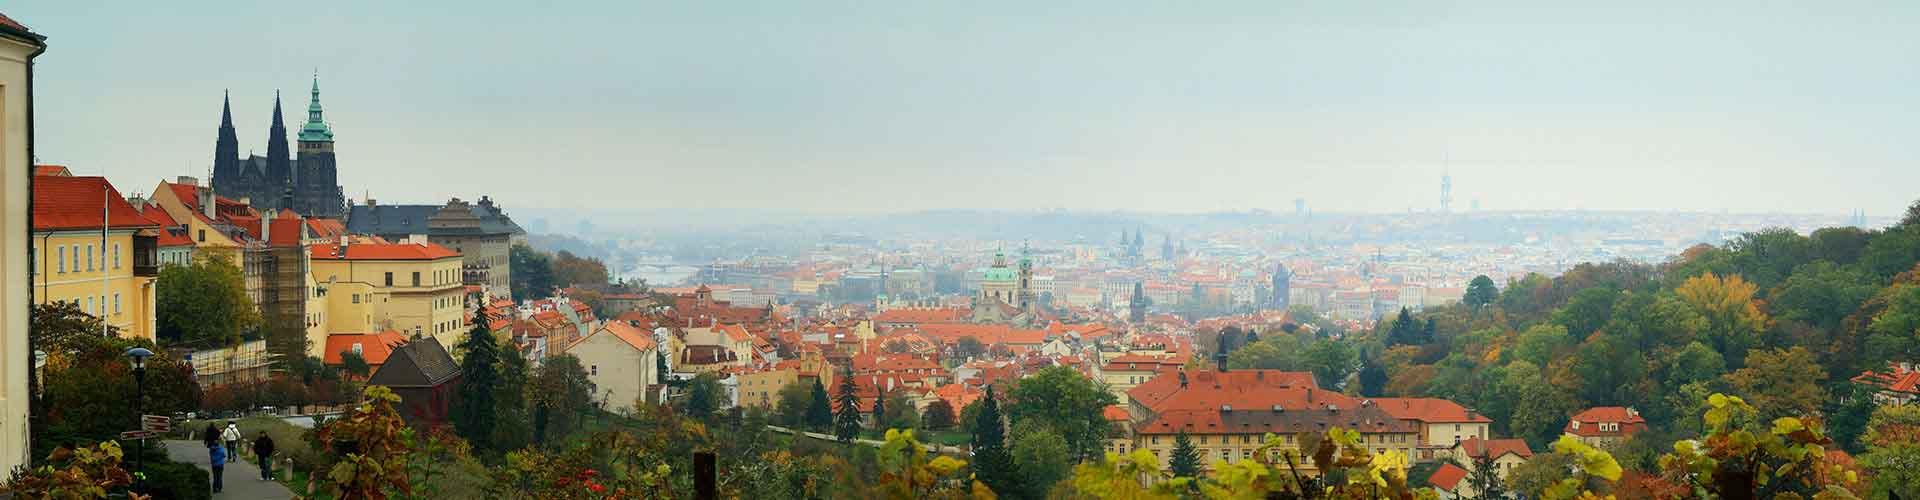 Prag – Hostels im Stadtteil Prag 3. Prag auf der Karte. Fotos und Bewertungen für jedes Hostel in Prag.